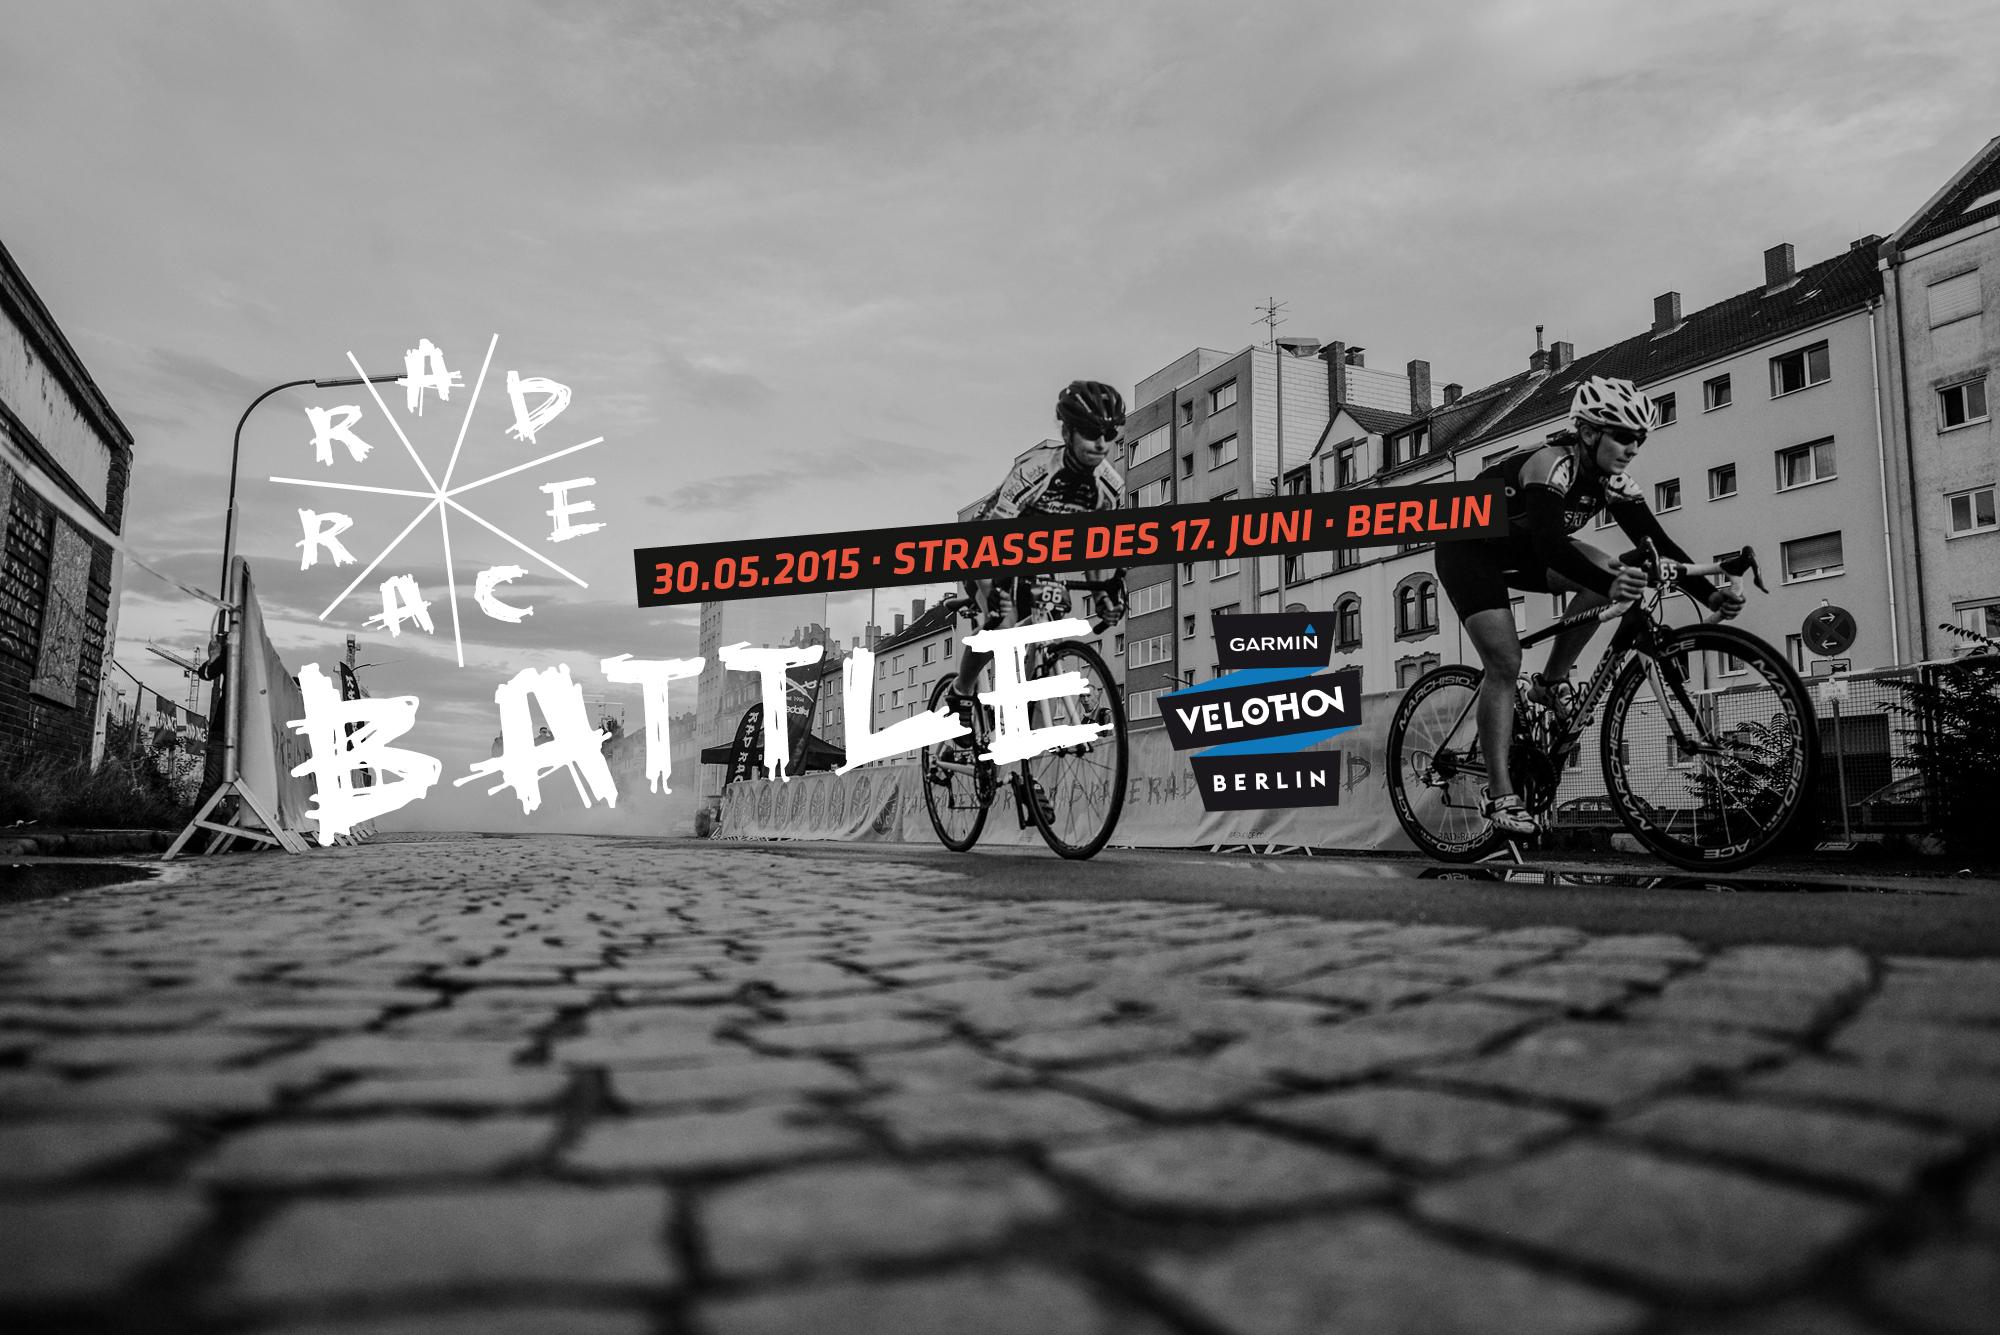 RDRC_Battle_Berlin_Teaser.jpg